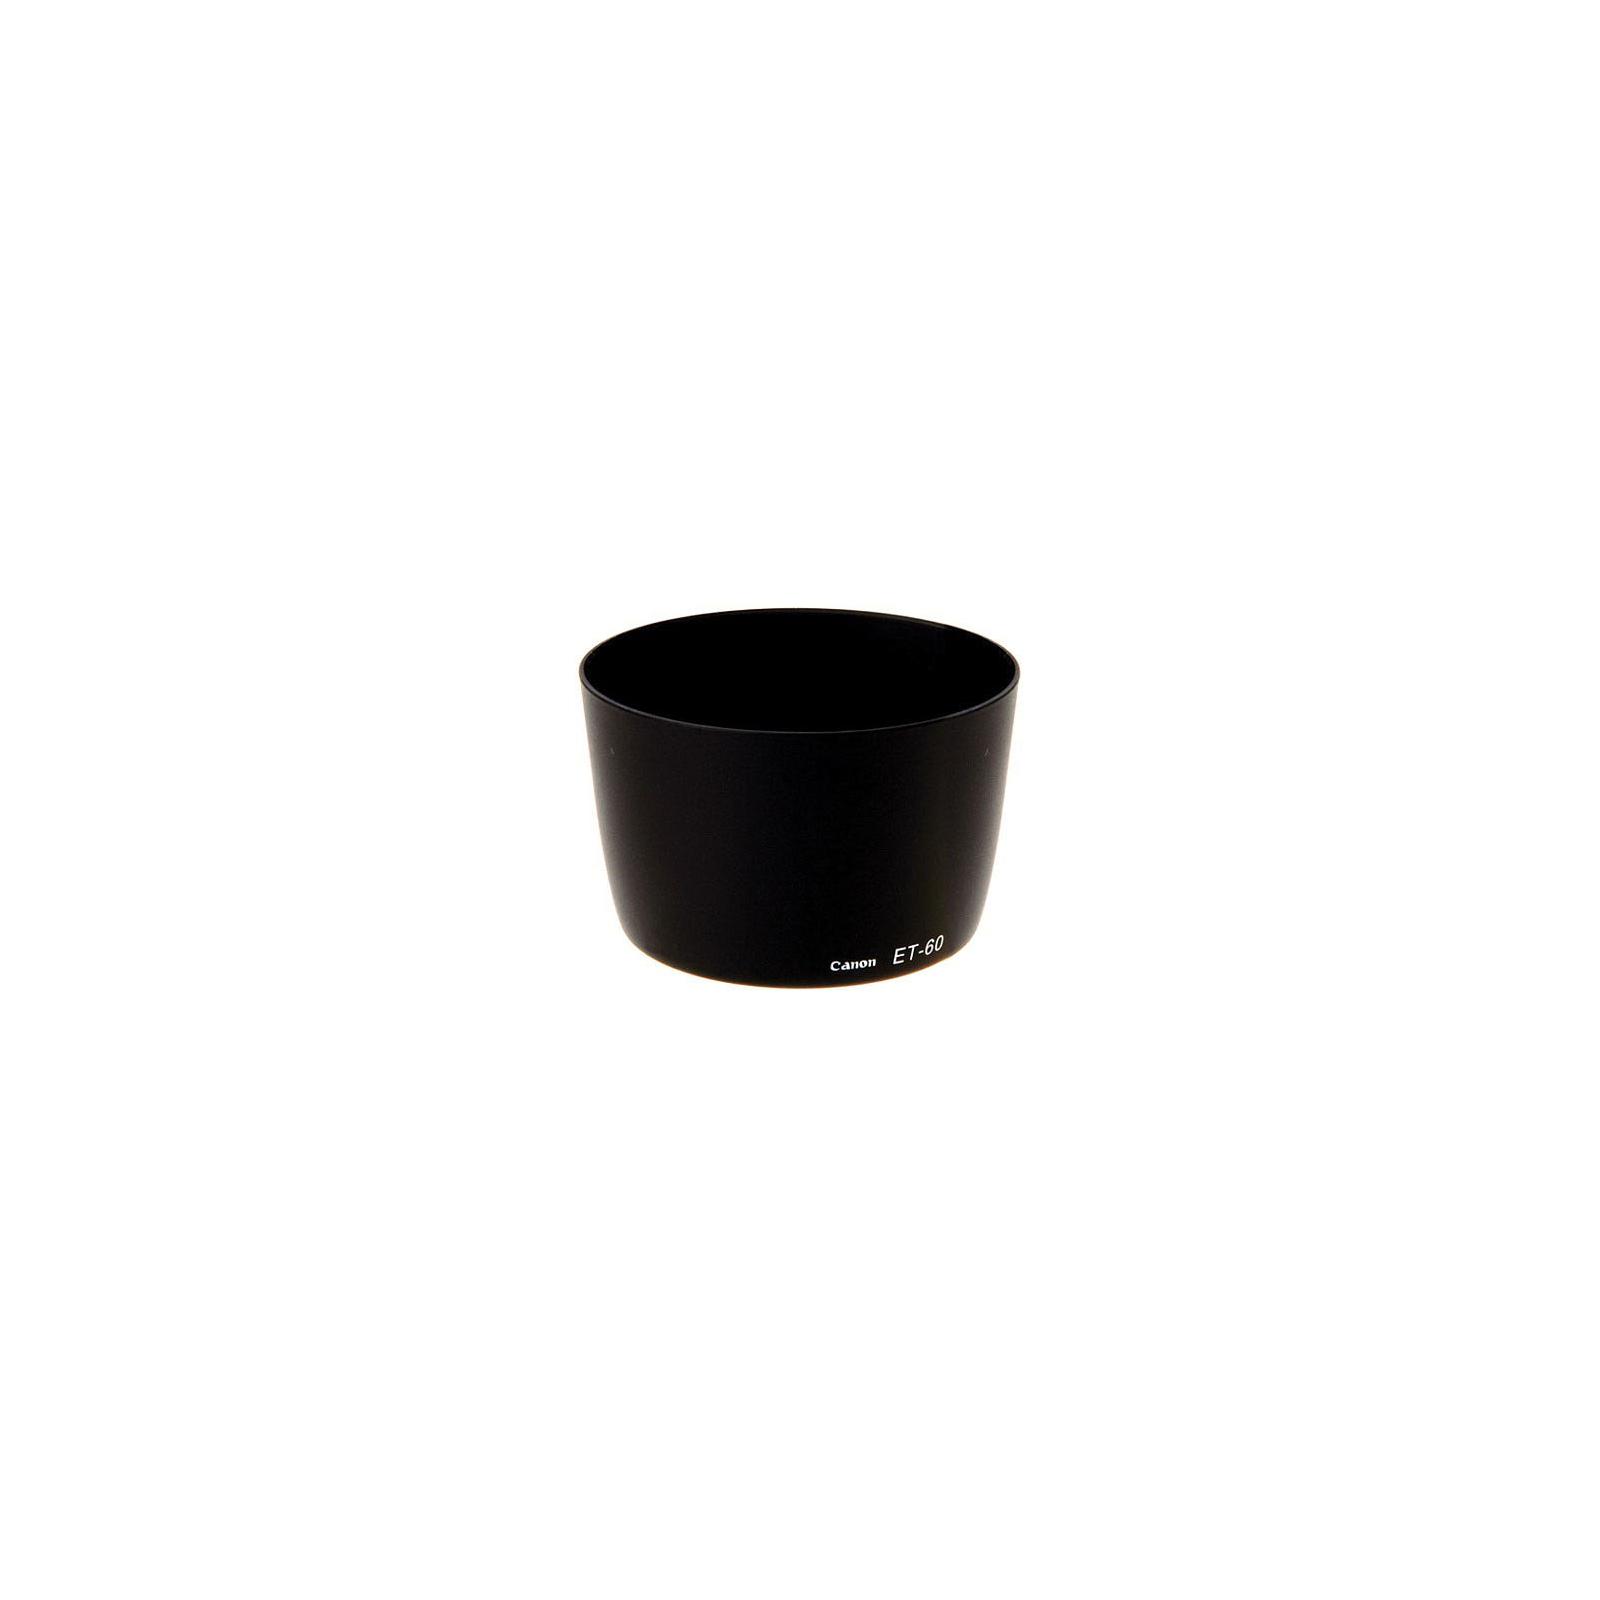 Бленда к объективу ET-60 Canon (2637A001)